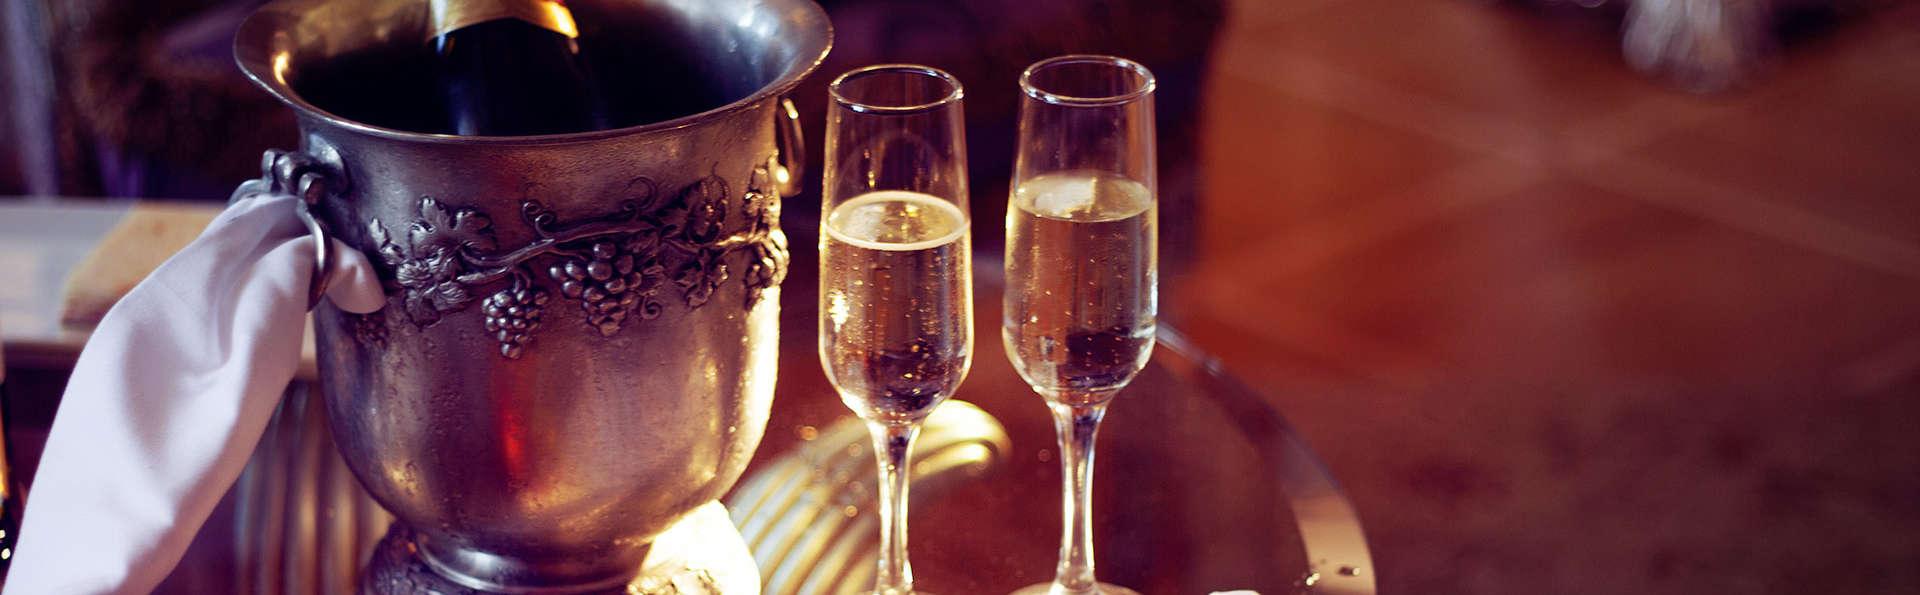 Week-end romantique avec Champagne